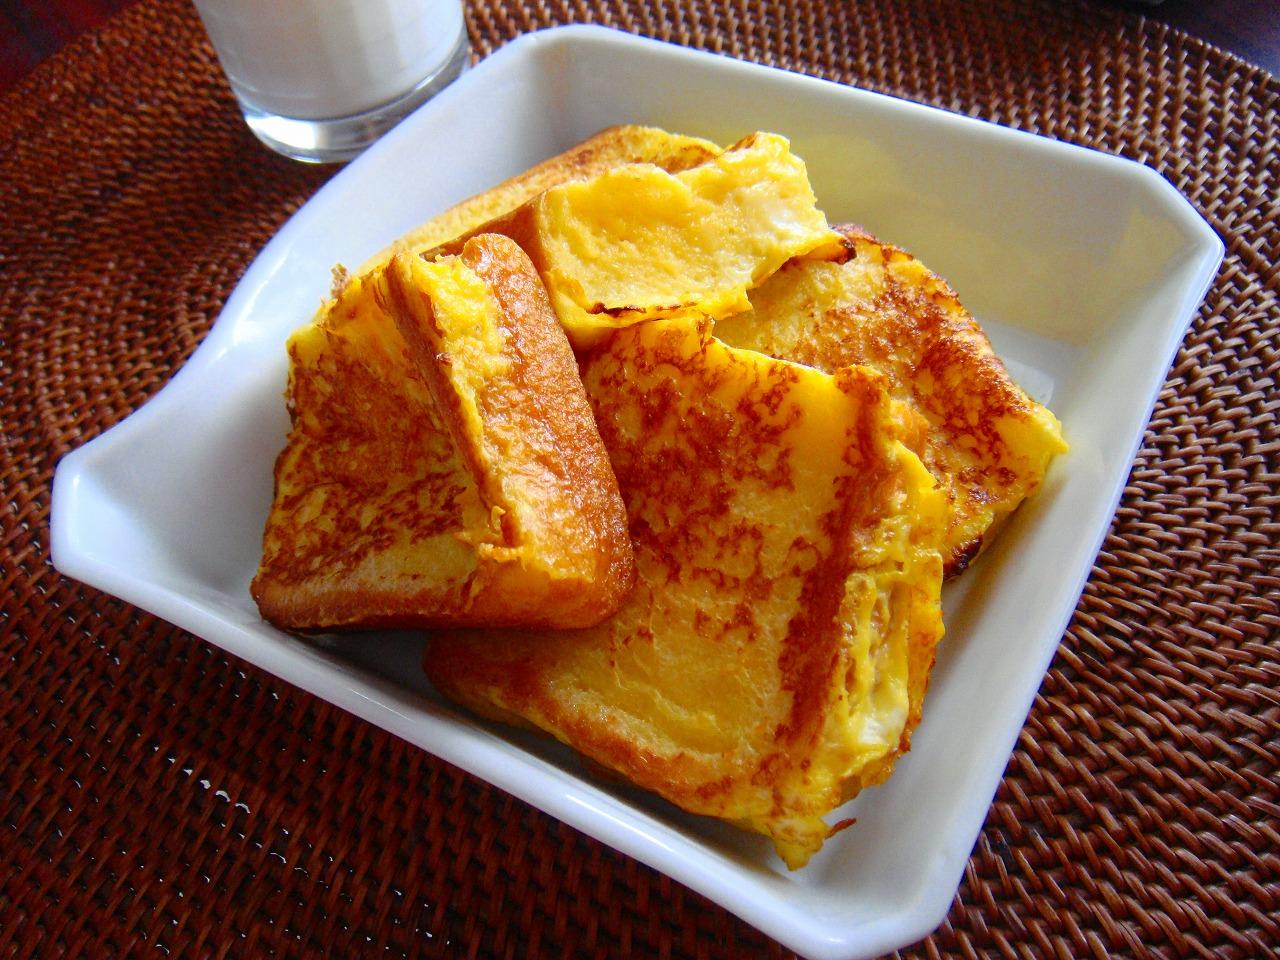 朝でもランチでもティータイムでも♪人気のフレンチトーストレシピ!のサムネイル画像